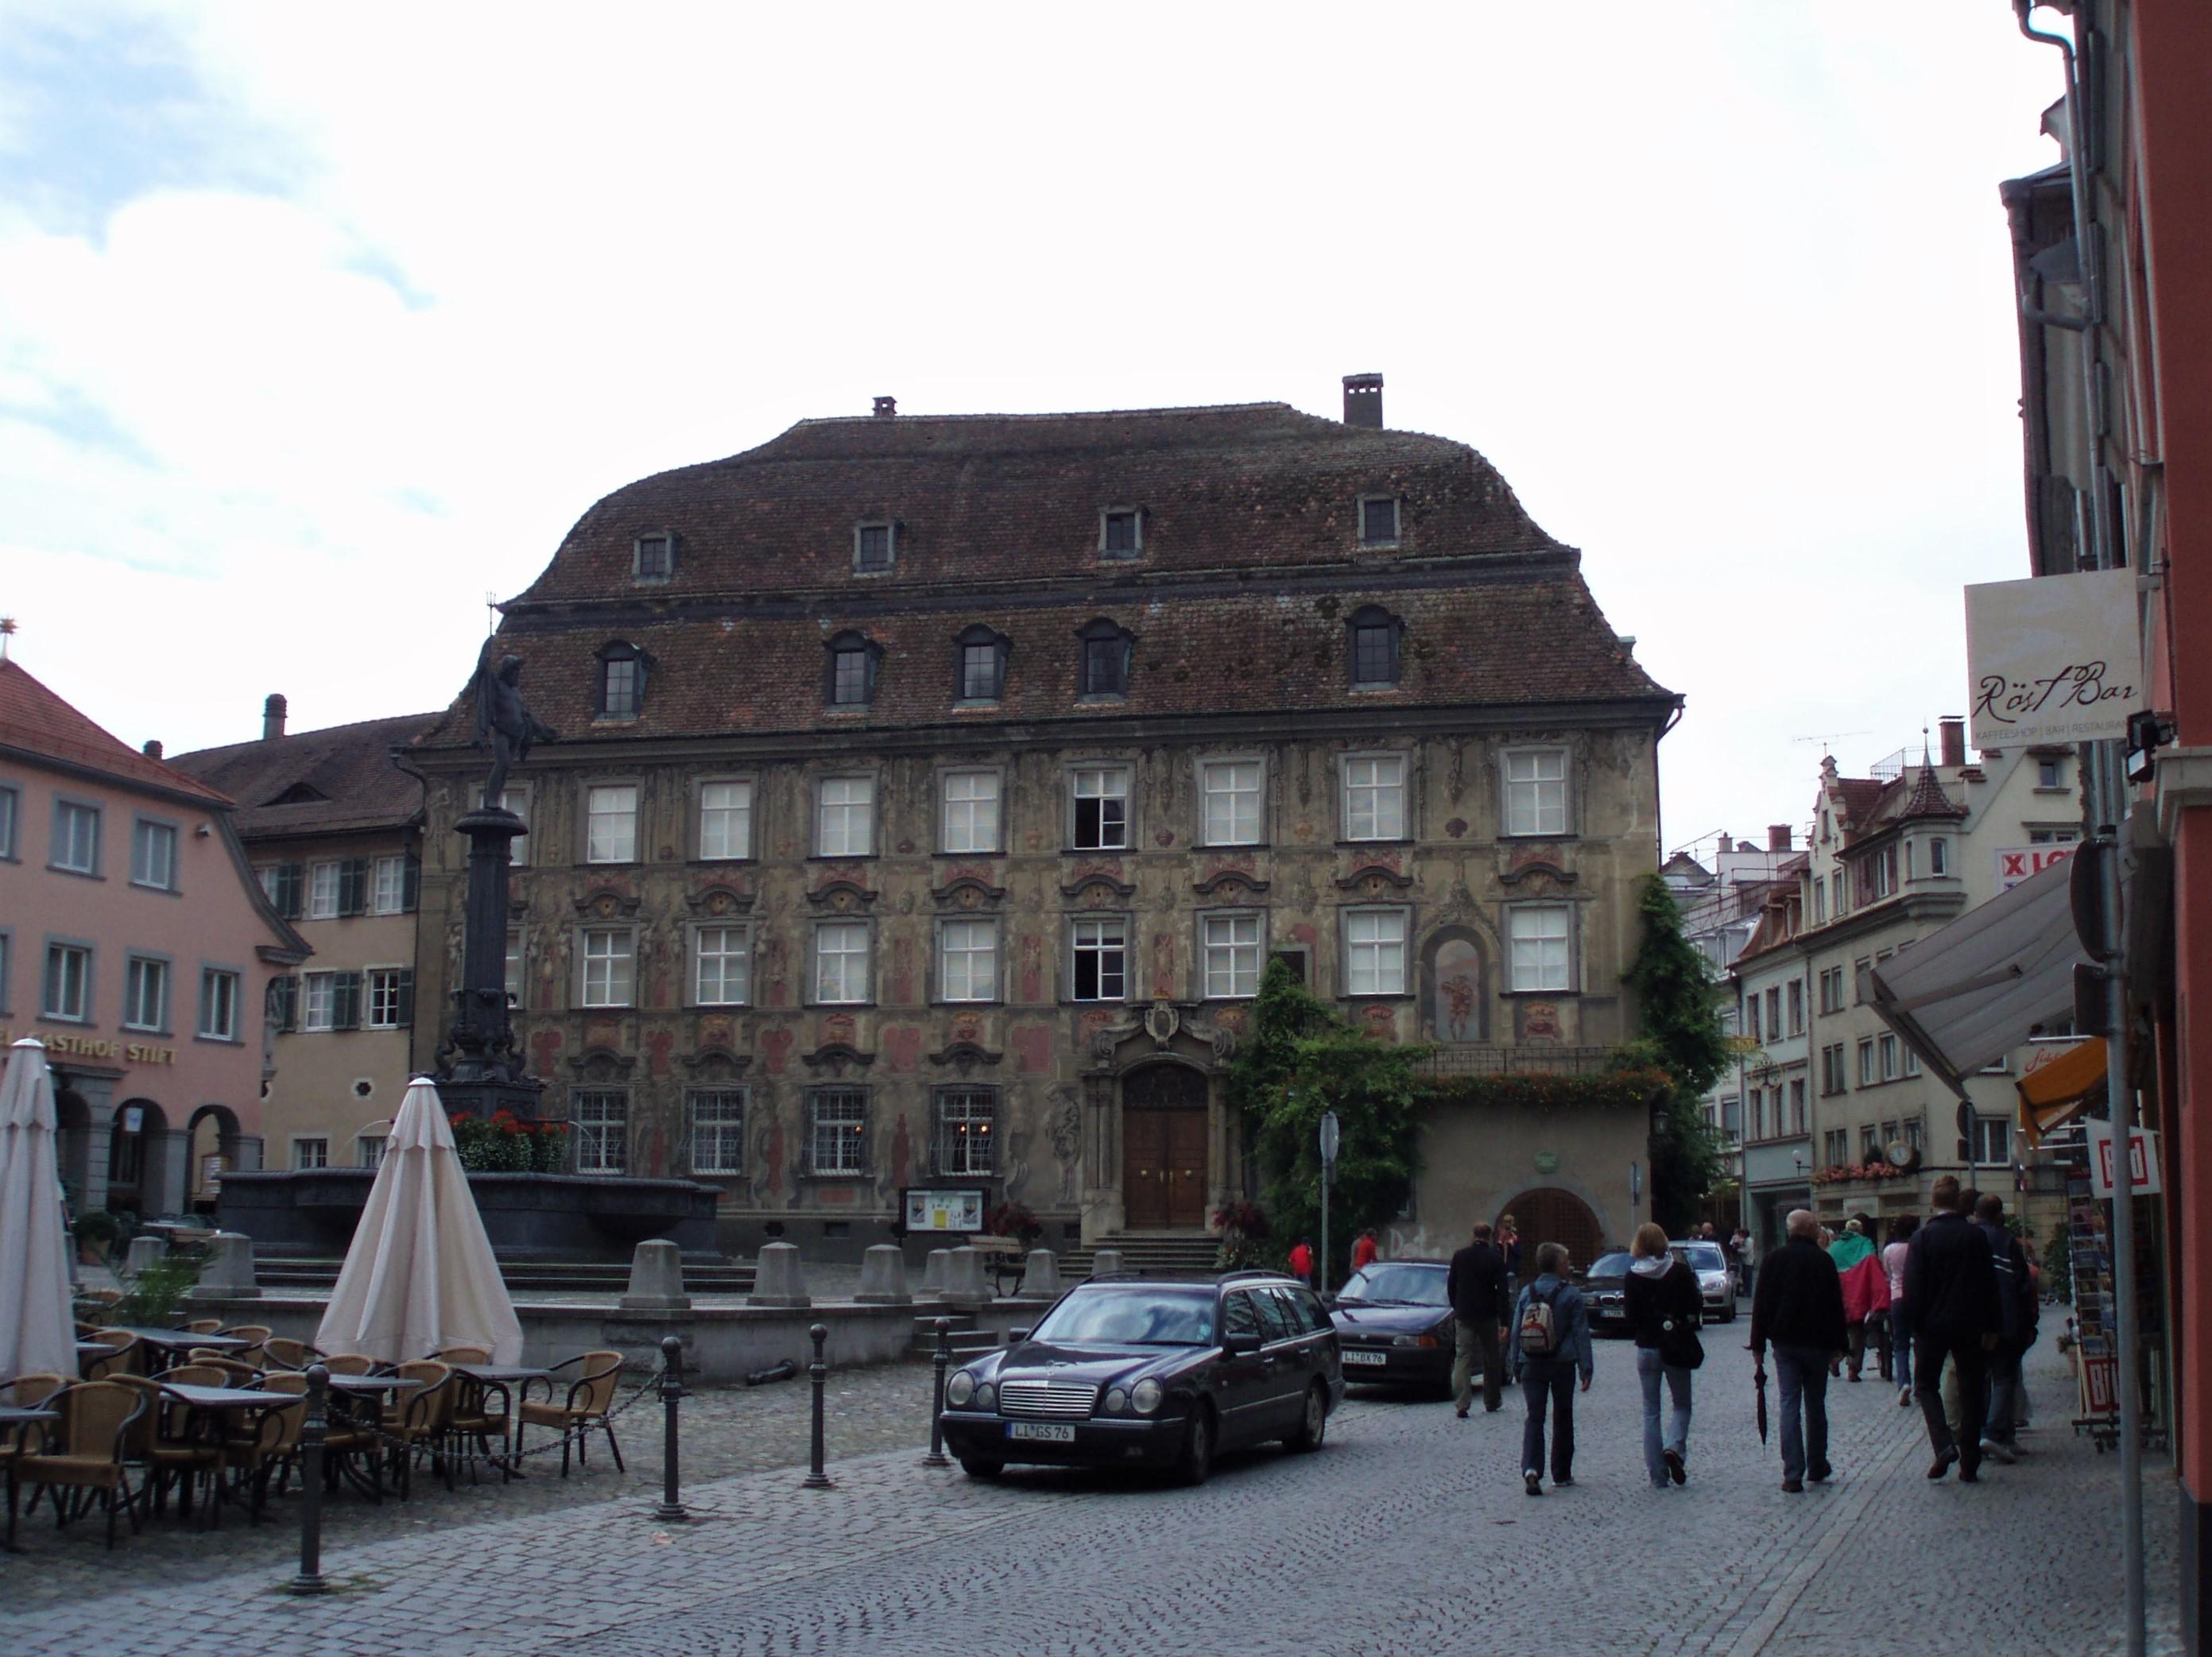 Marktpatz in Lindau